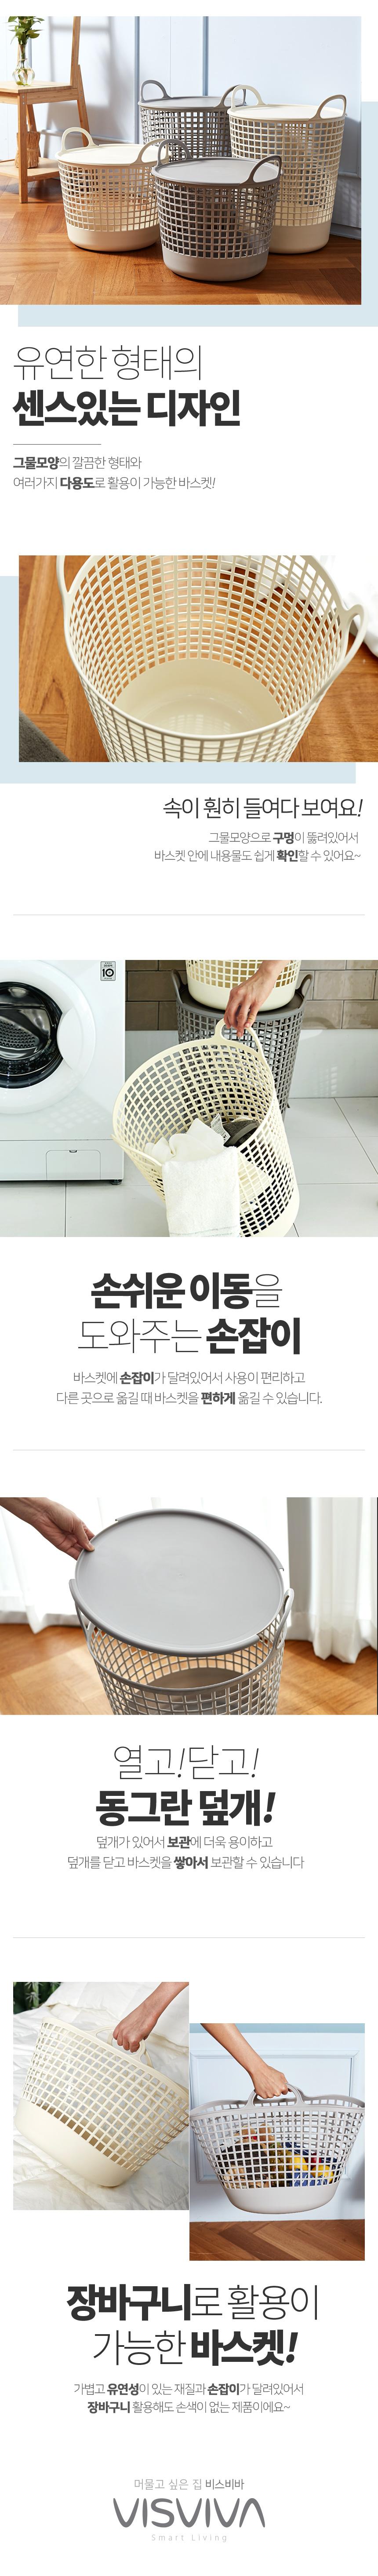 펠트 손잡이 덮개 바스켓S 2종 택1 - 비스비바, 14,400원, 정리/리빙박스, 소품정리함